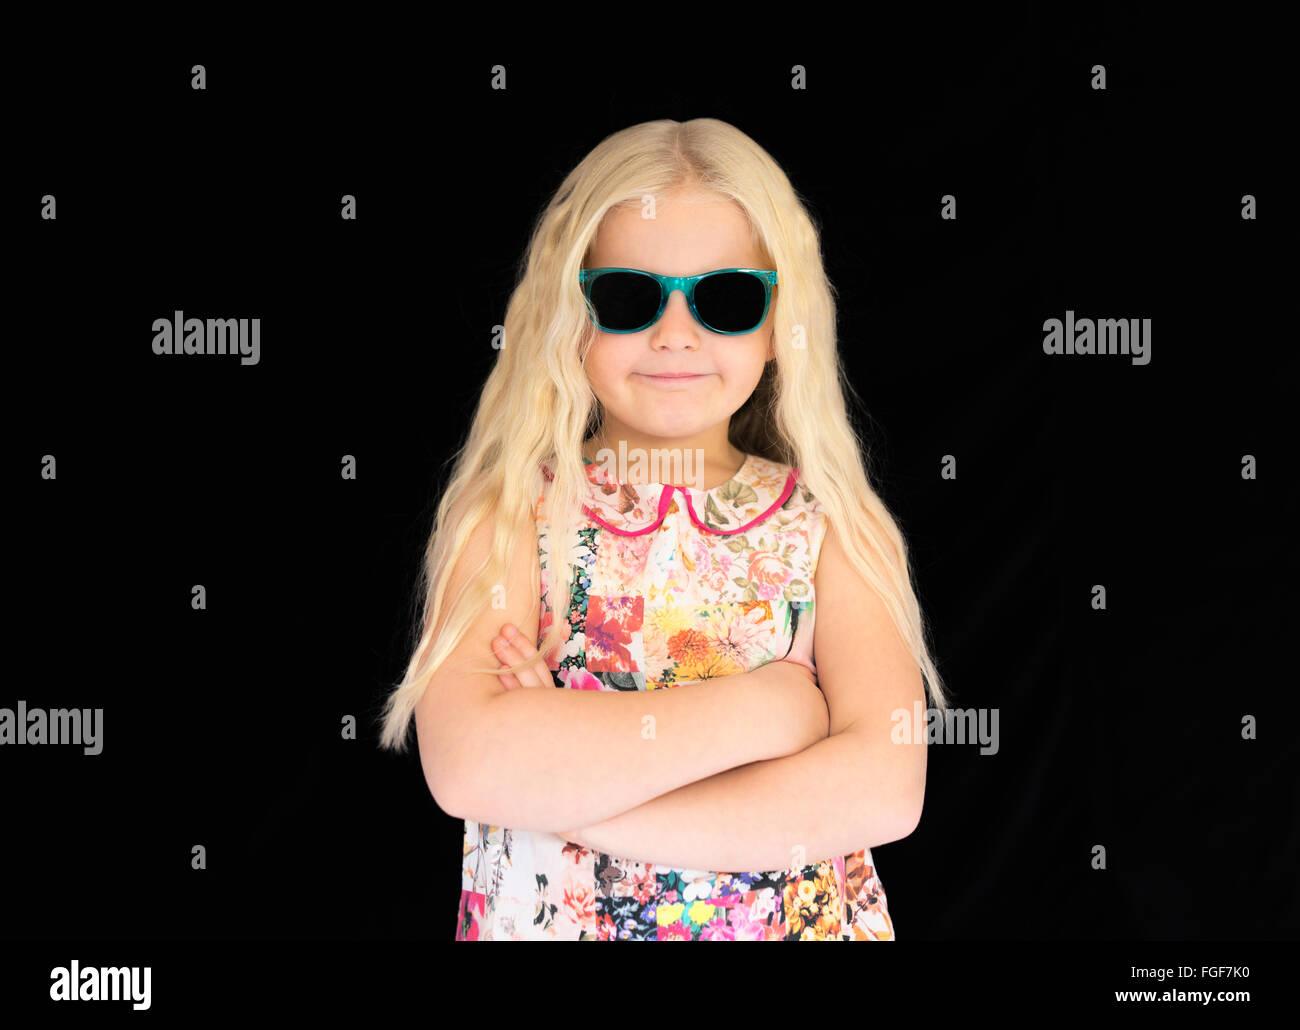 Ragazza giovane con capelli lunghi biondi indossando occhiali da sole, sorridente Immagini Stock